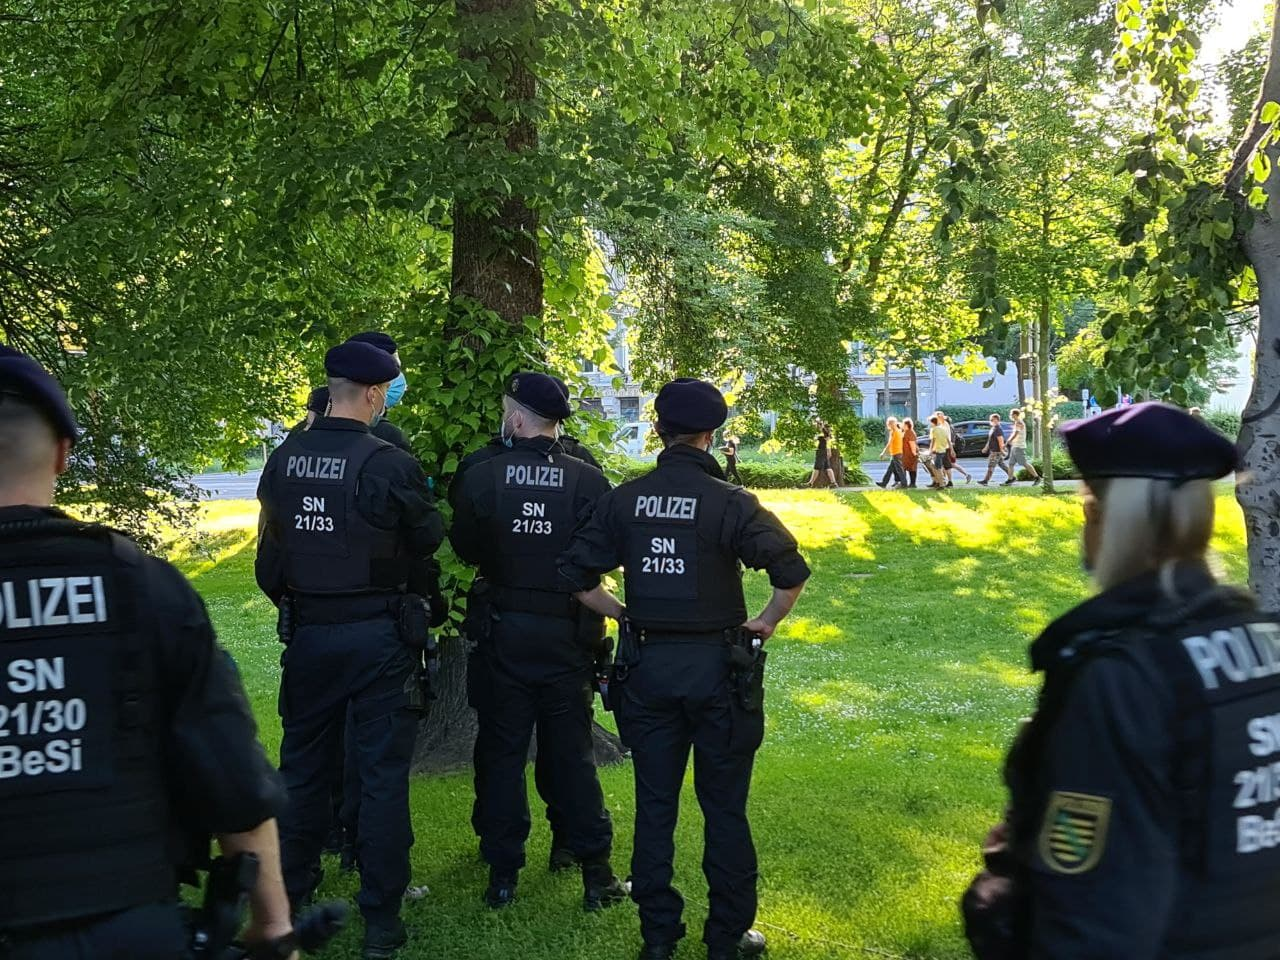 """Praktisch ohne Redebeiträge ging es für die """"Bürgerbewegung"""" kurz nach 19 Uhr sofort auf den heiß ersehnten Rundgang über den Ring. Foto: LZ"""